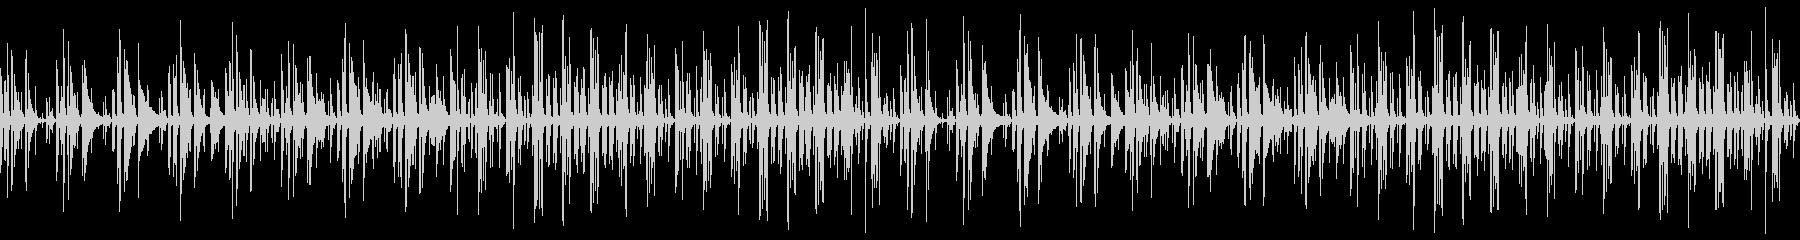 動画向けピアノと木琴鉄琴のほのぼの日常の未再生の波形